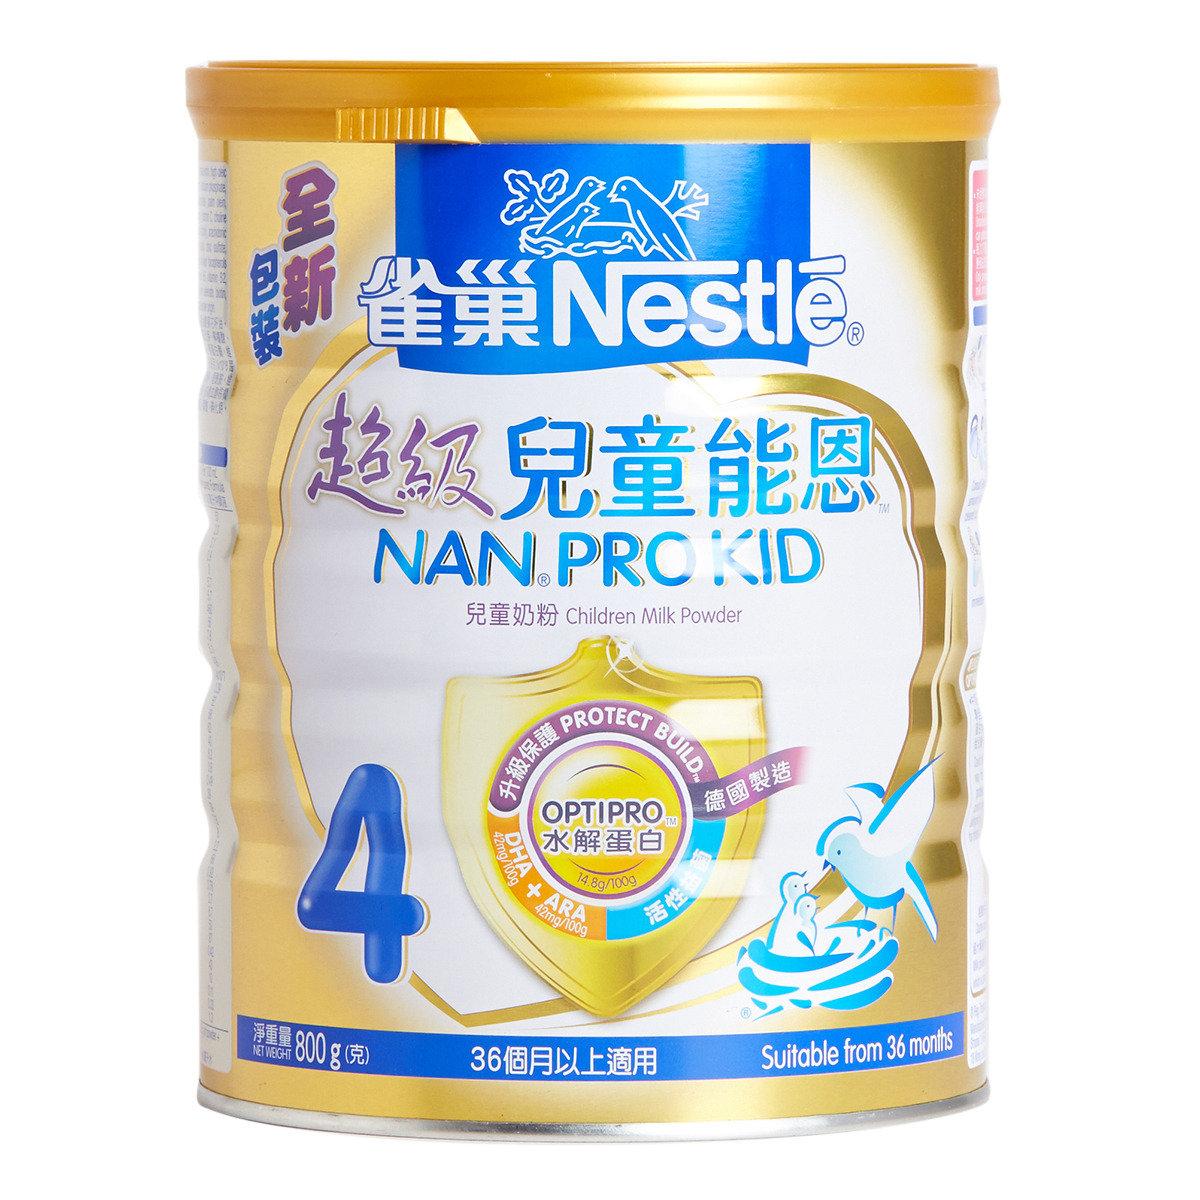 超級能恩™4號奶粉